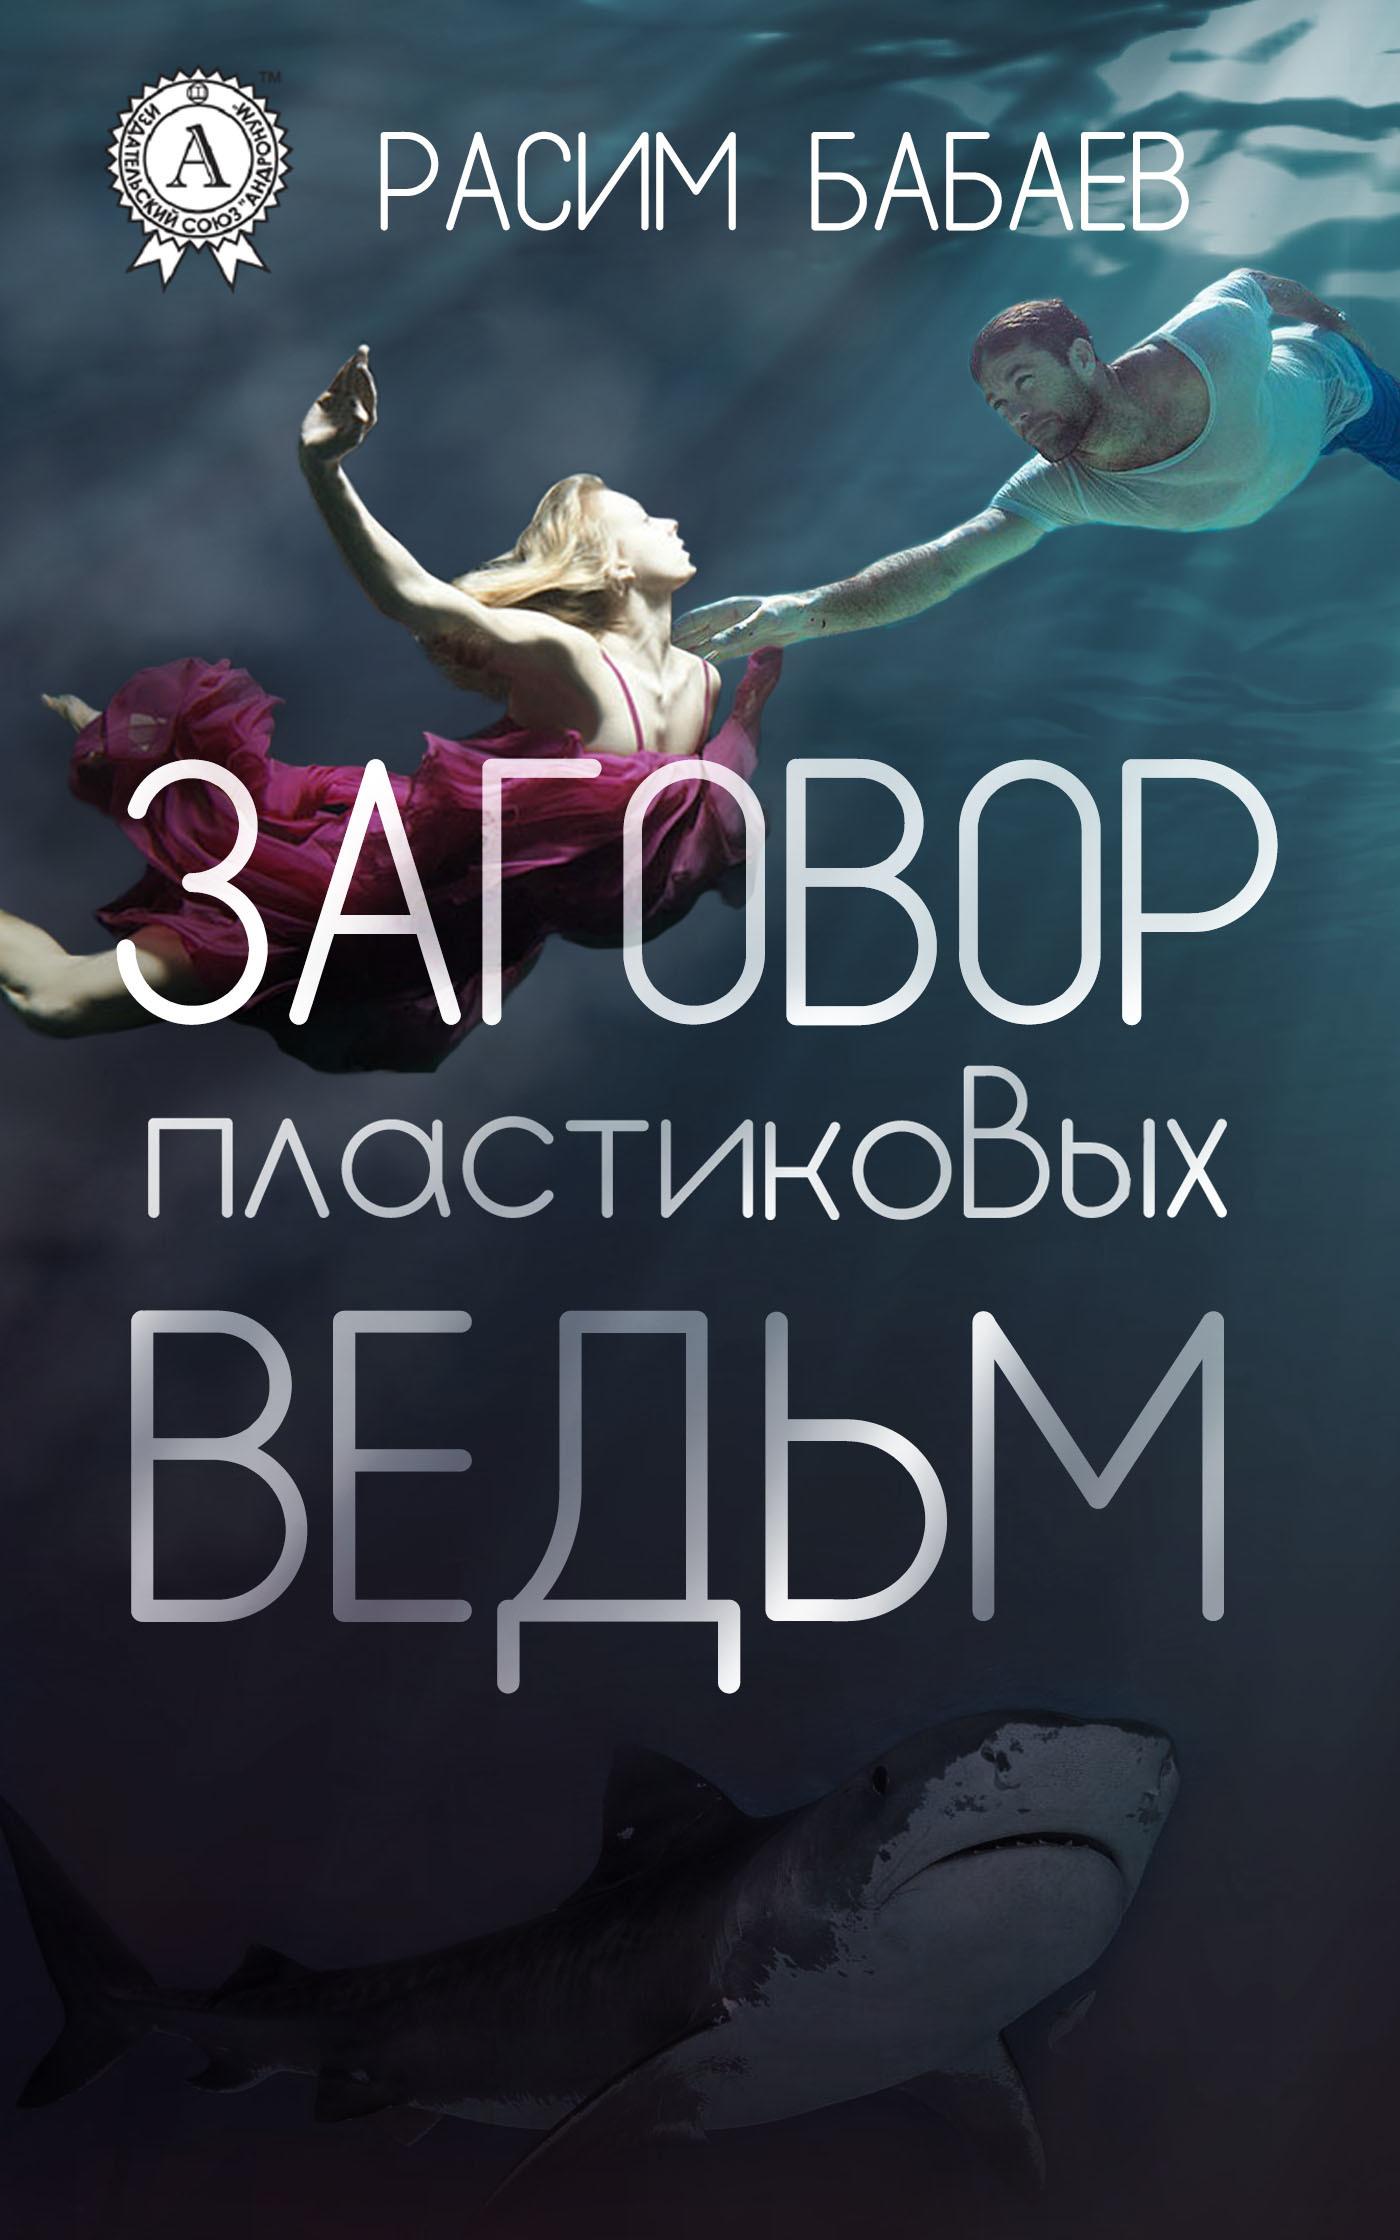 Расим Бабаев бесплатно